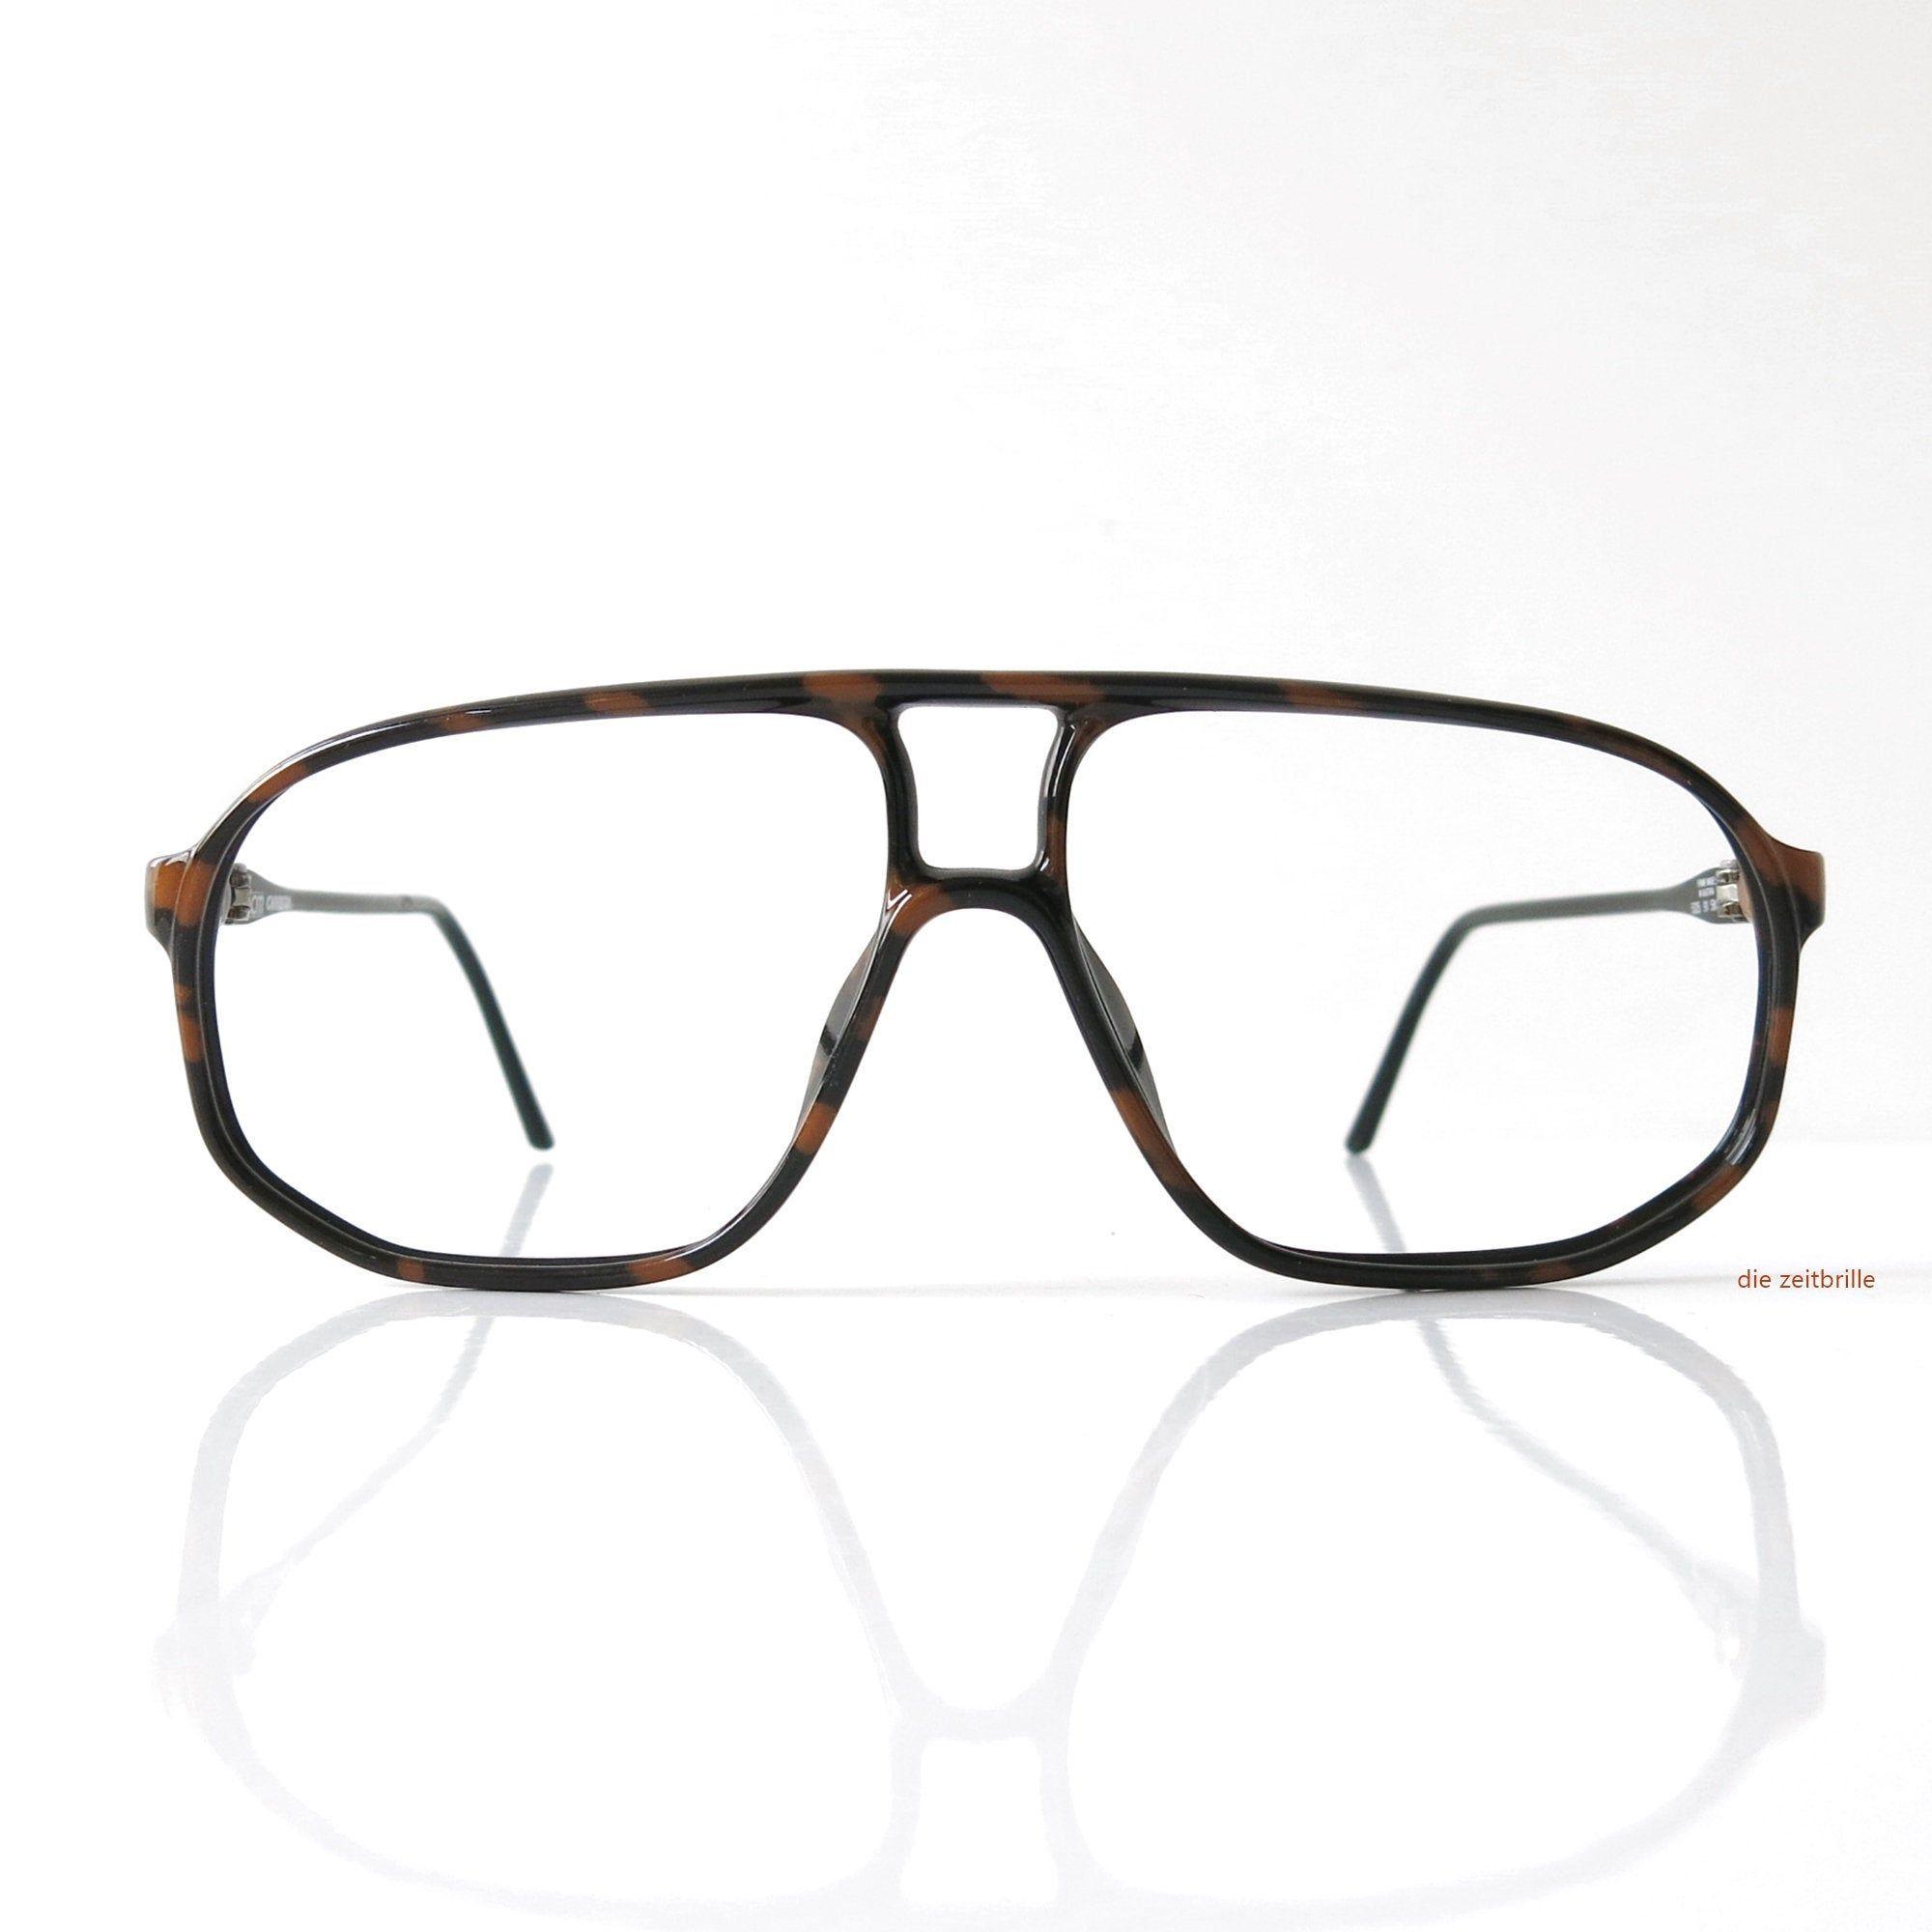 Carrera Brille Aviator Mod 5325 80er Jahre Brillen Mode Brille